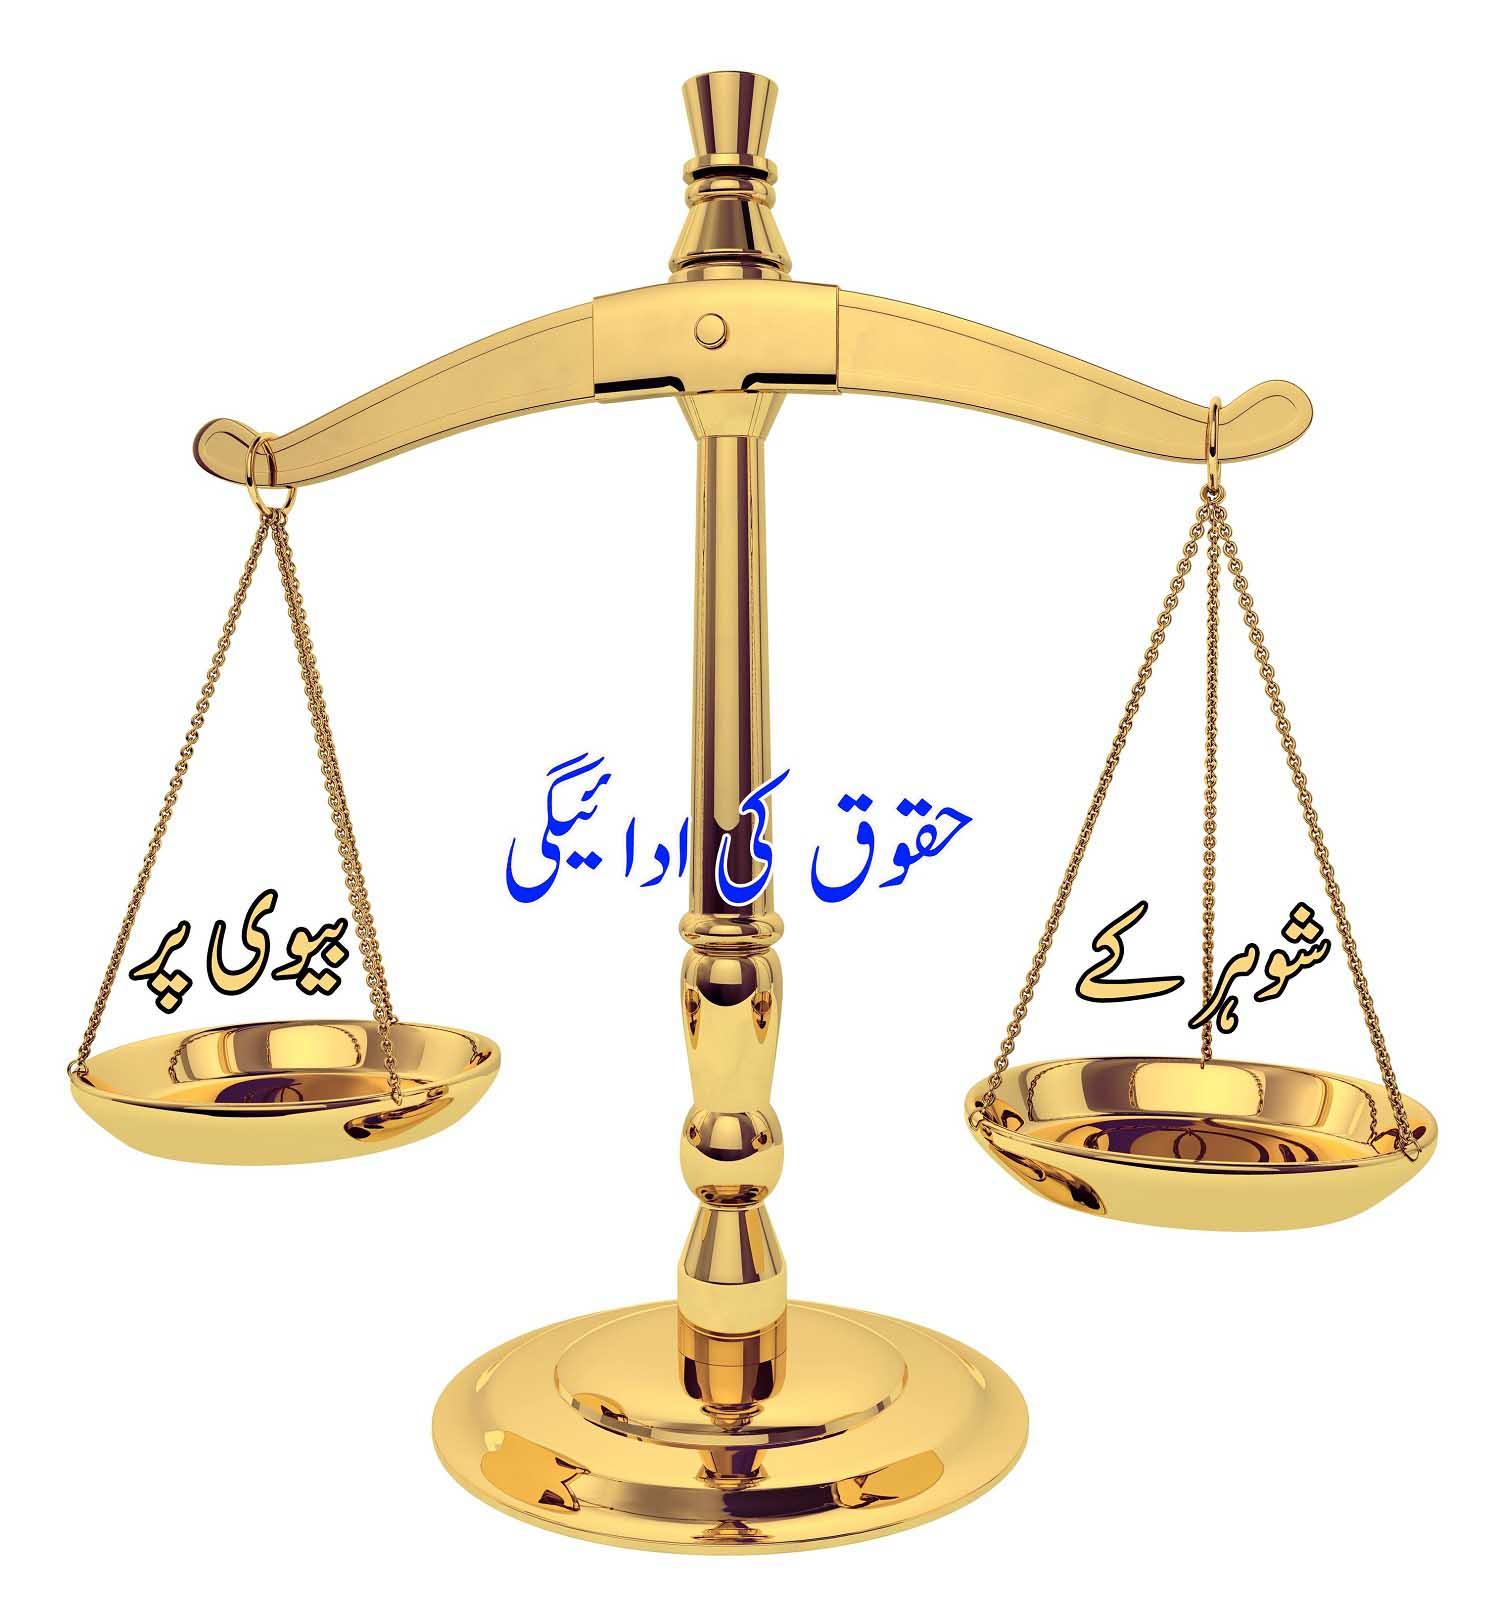 شوہر کے حقوق کی ادائیگی بیوی پر